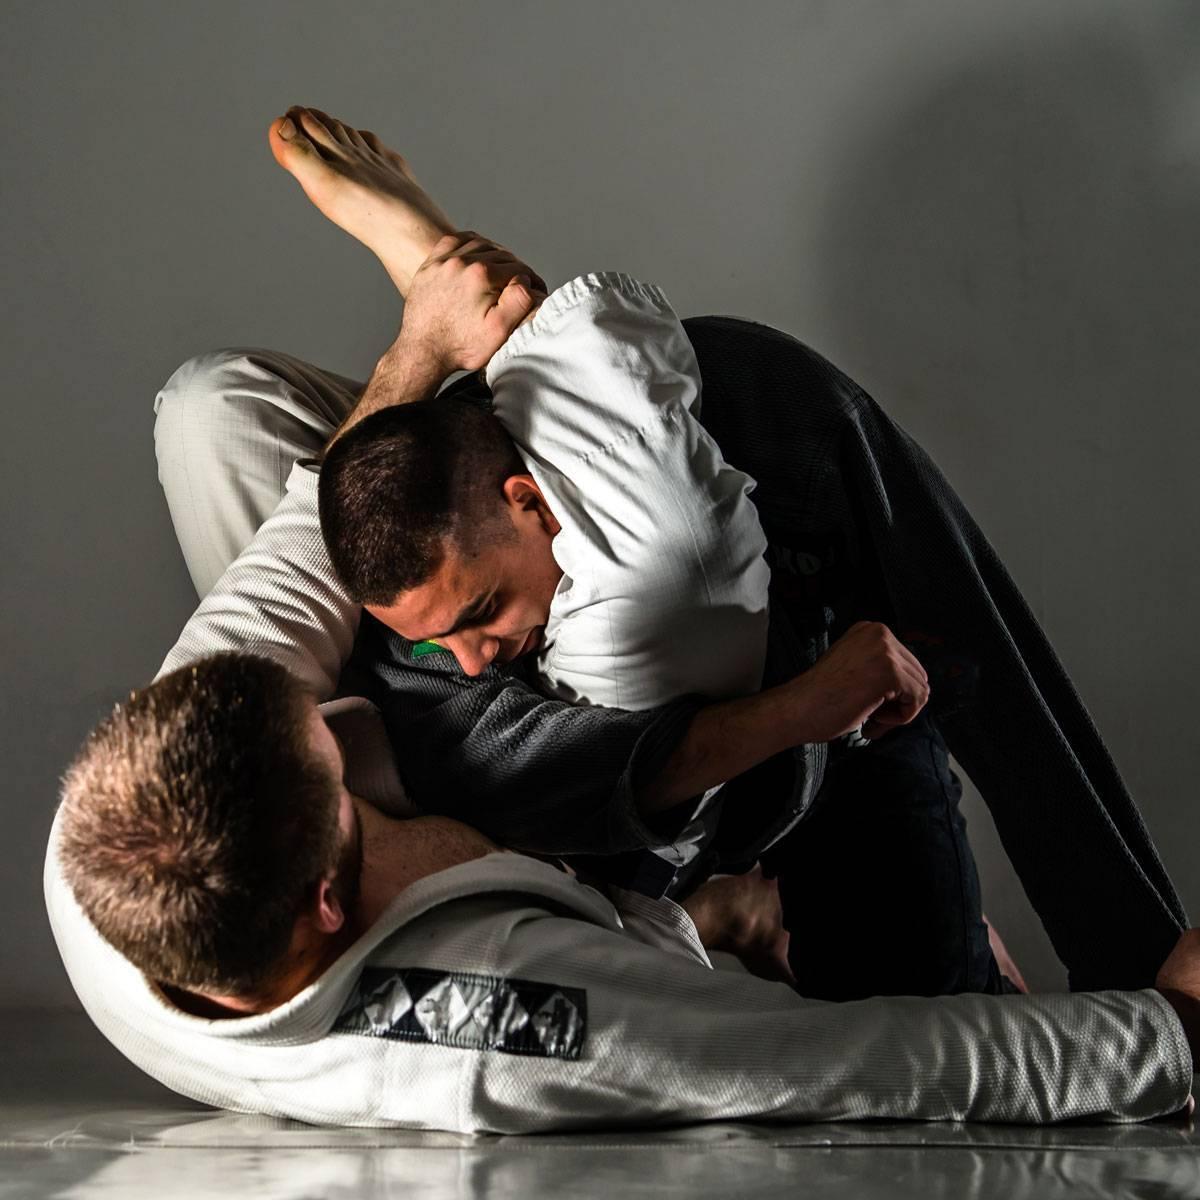 Pratiquer le Jiu-Jitsu brésilien pour canaliser son énergie